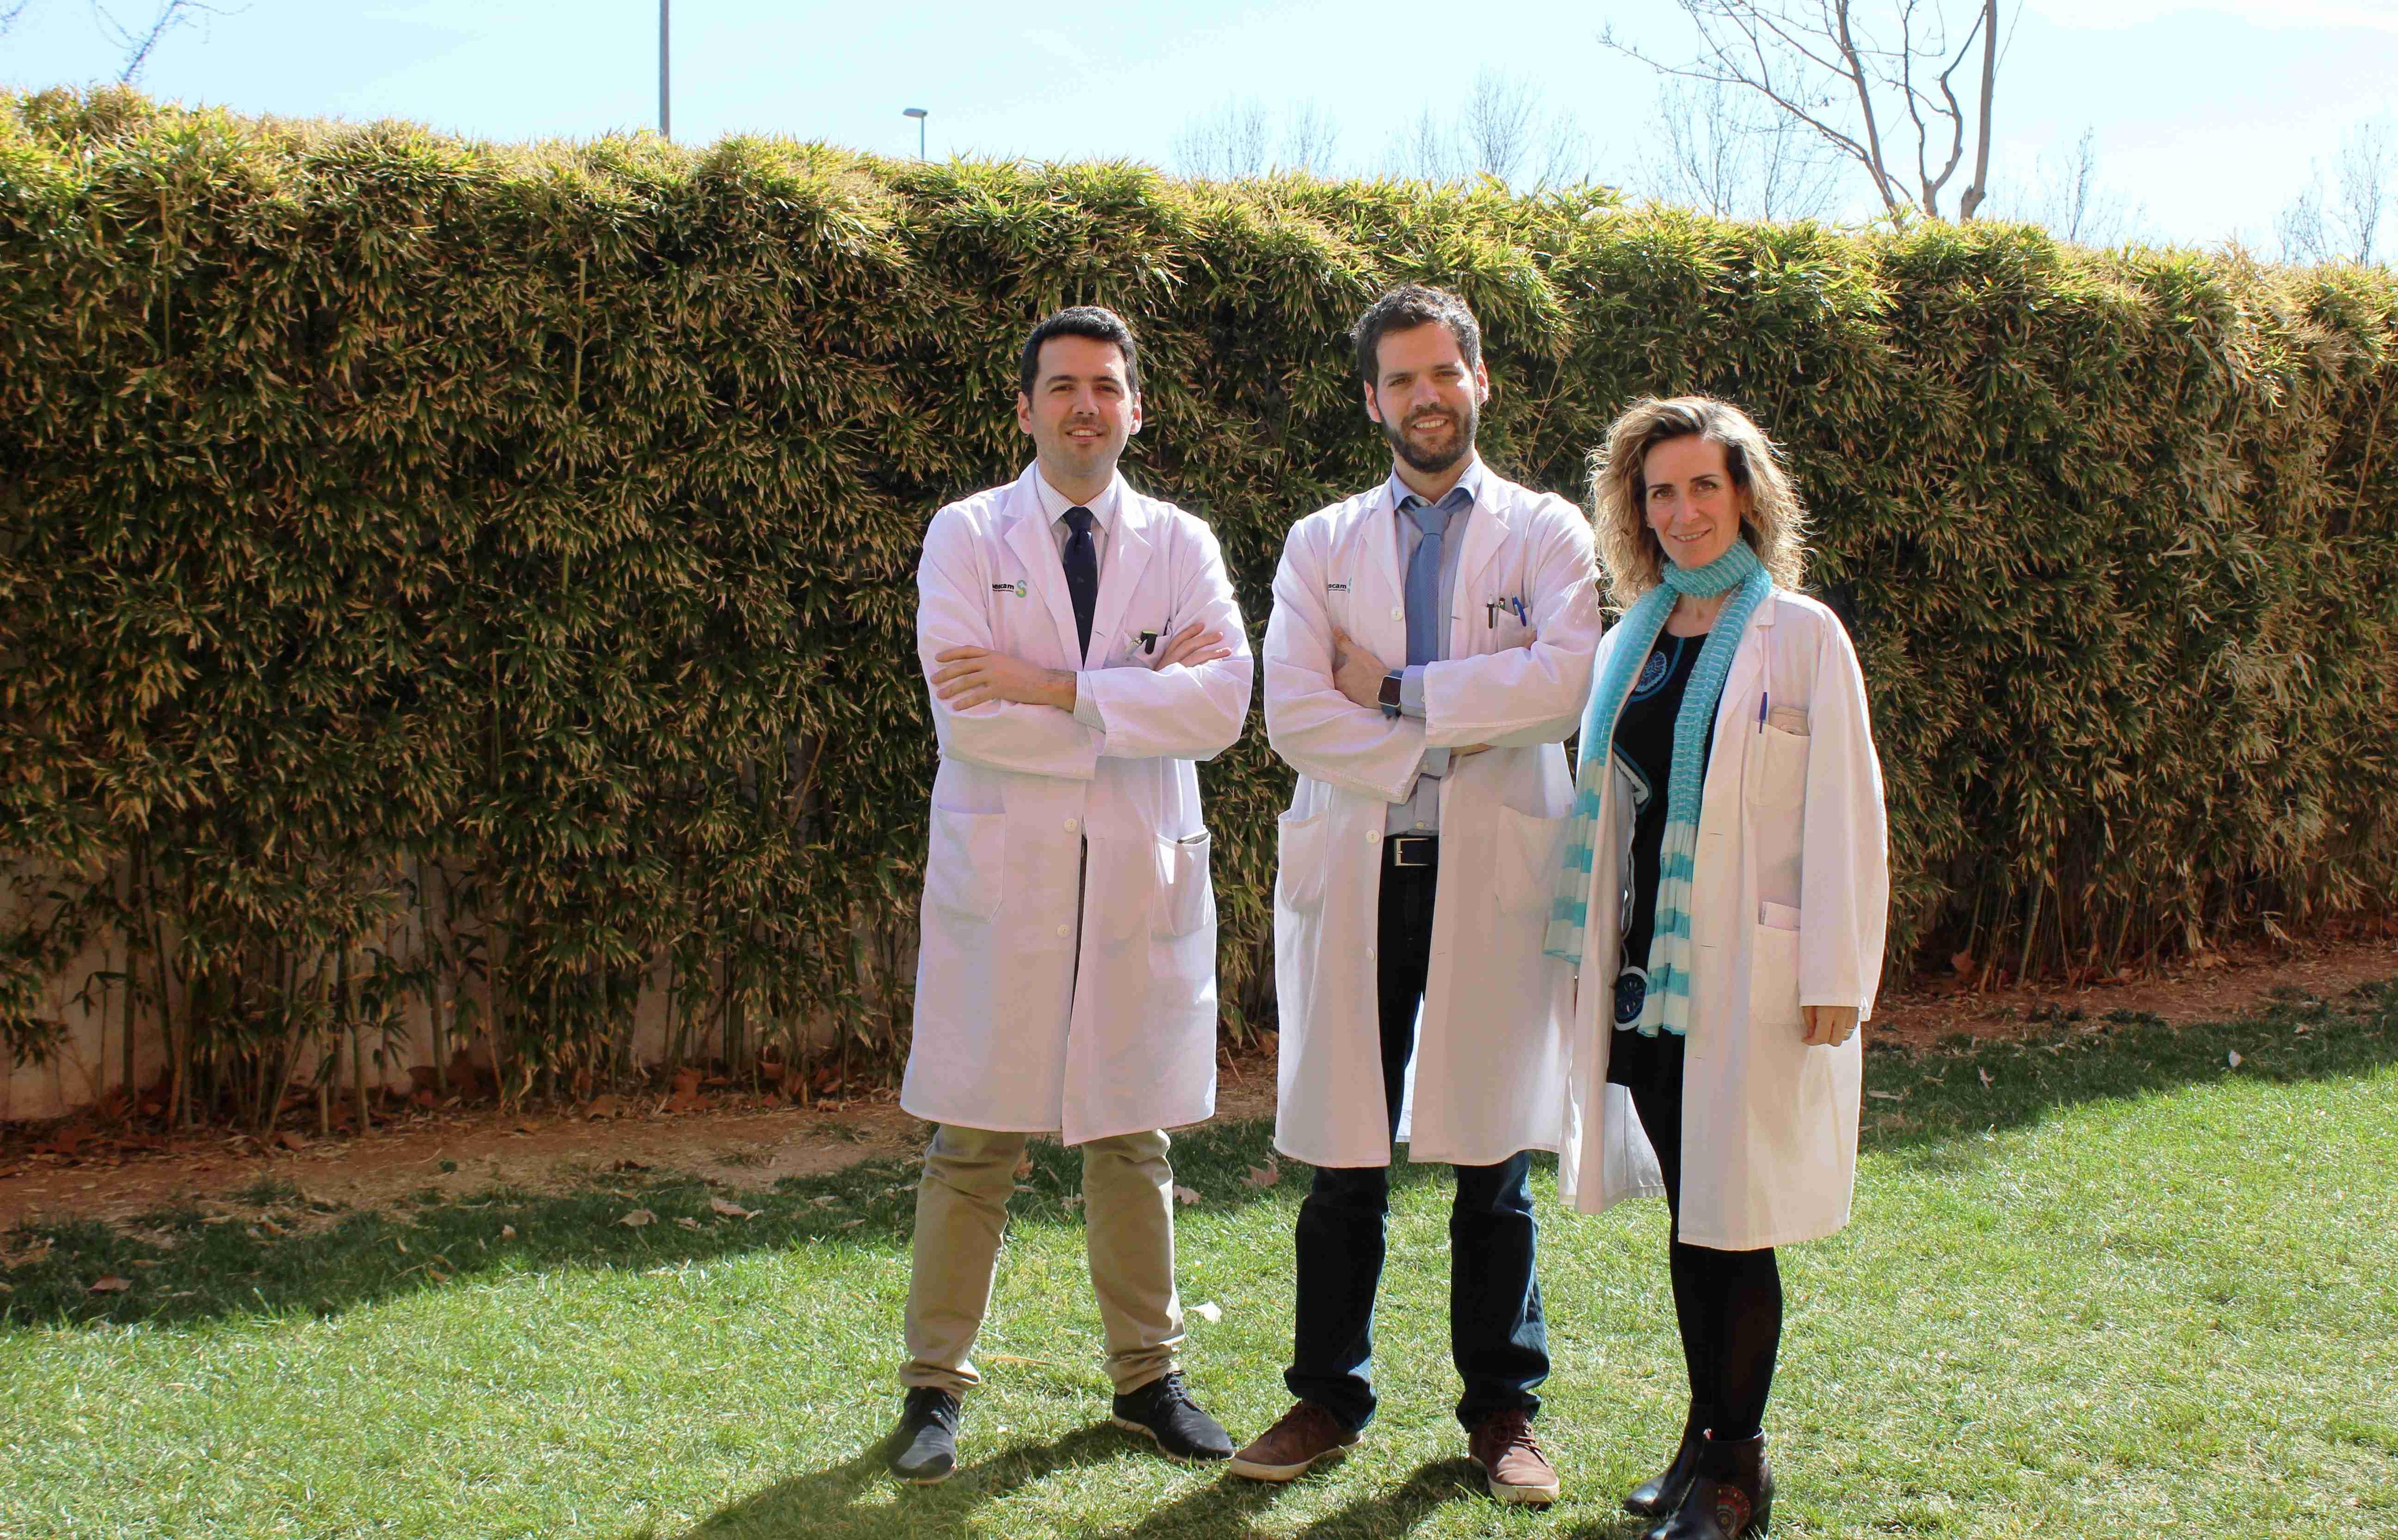 El área de Salud Mental de Ciudad Real crea un dispositivo de hospitalización domiciliaria de pacientes psiquiátricos agudos y graves 1